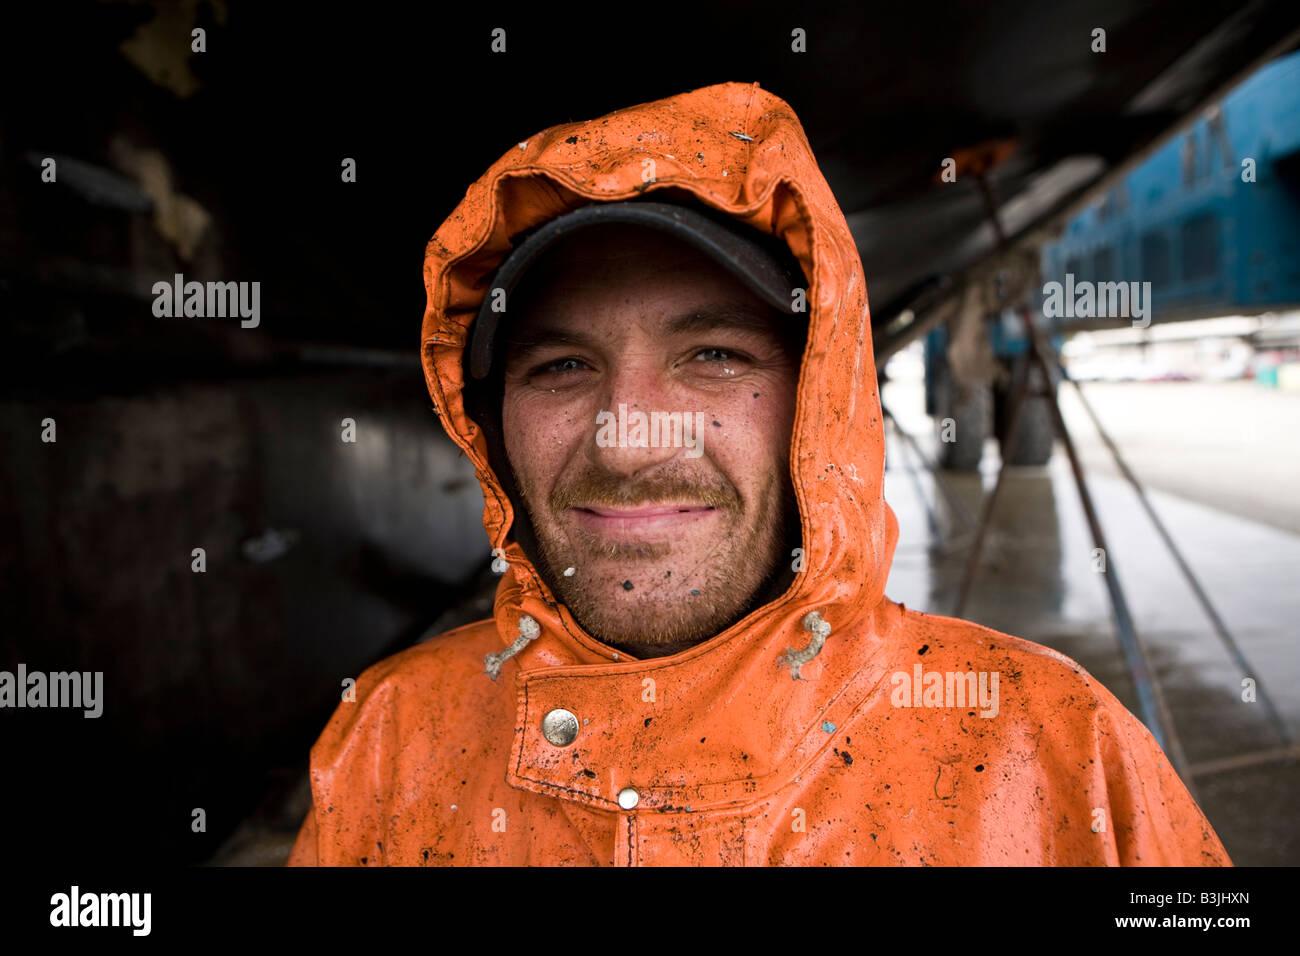 Robert Palmer lavaggi a pressione la parte inferiore di un 88 piedi lungo la pesca in barca Leann nel cantiere navale Foto Stock